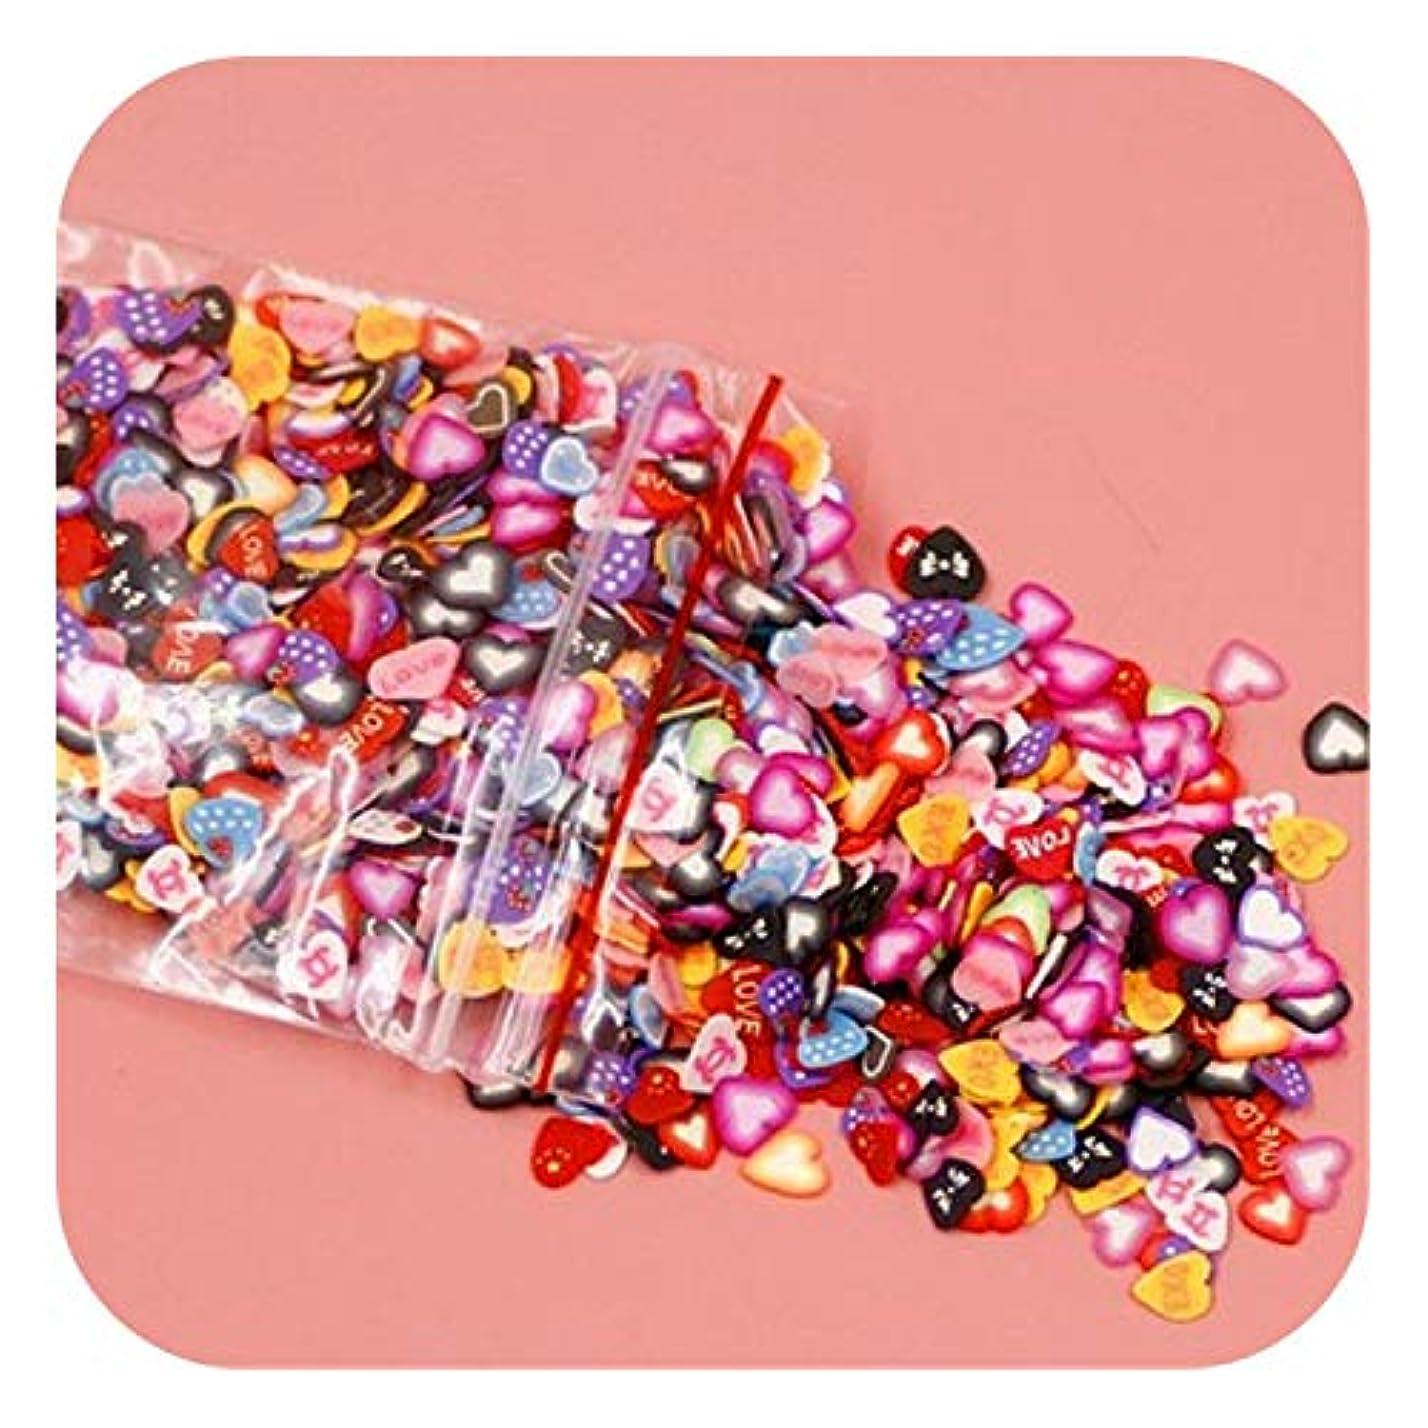 形状着服取り組むプラスチシン追加ソフトセラミックフルーツピース1000個混合フルーツバーネイルジュエリーパッチDiy用品,11